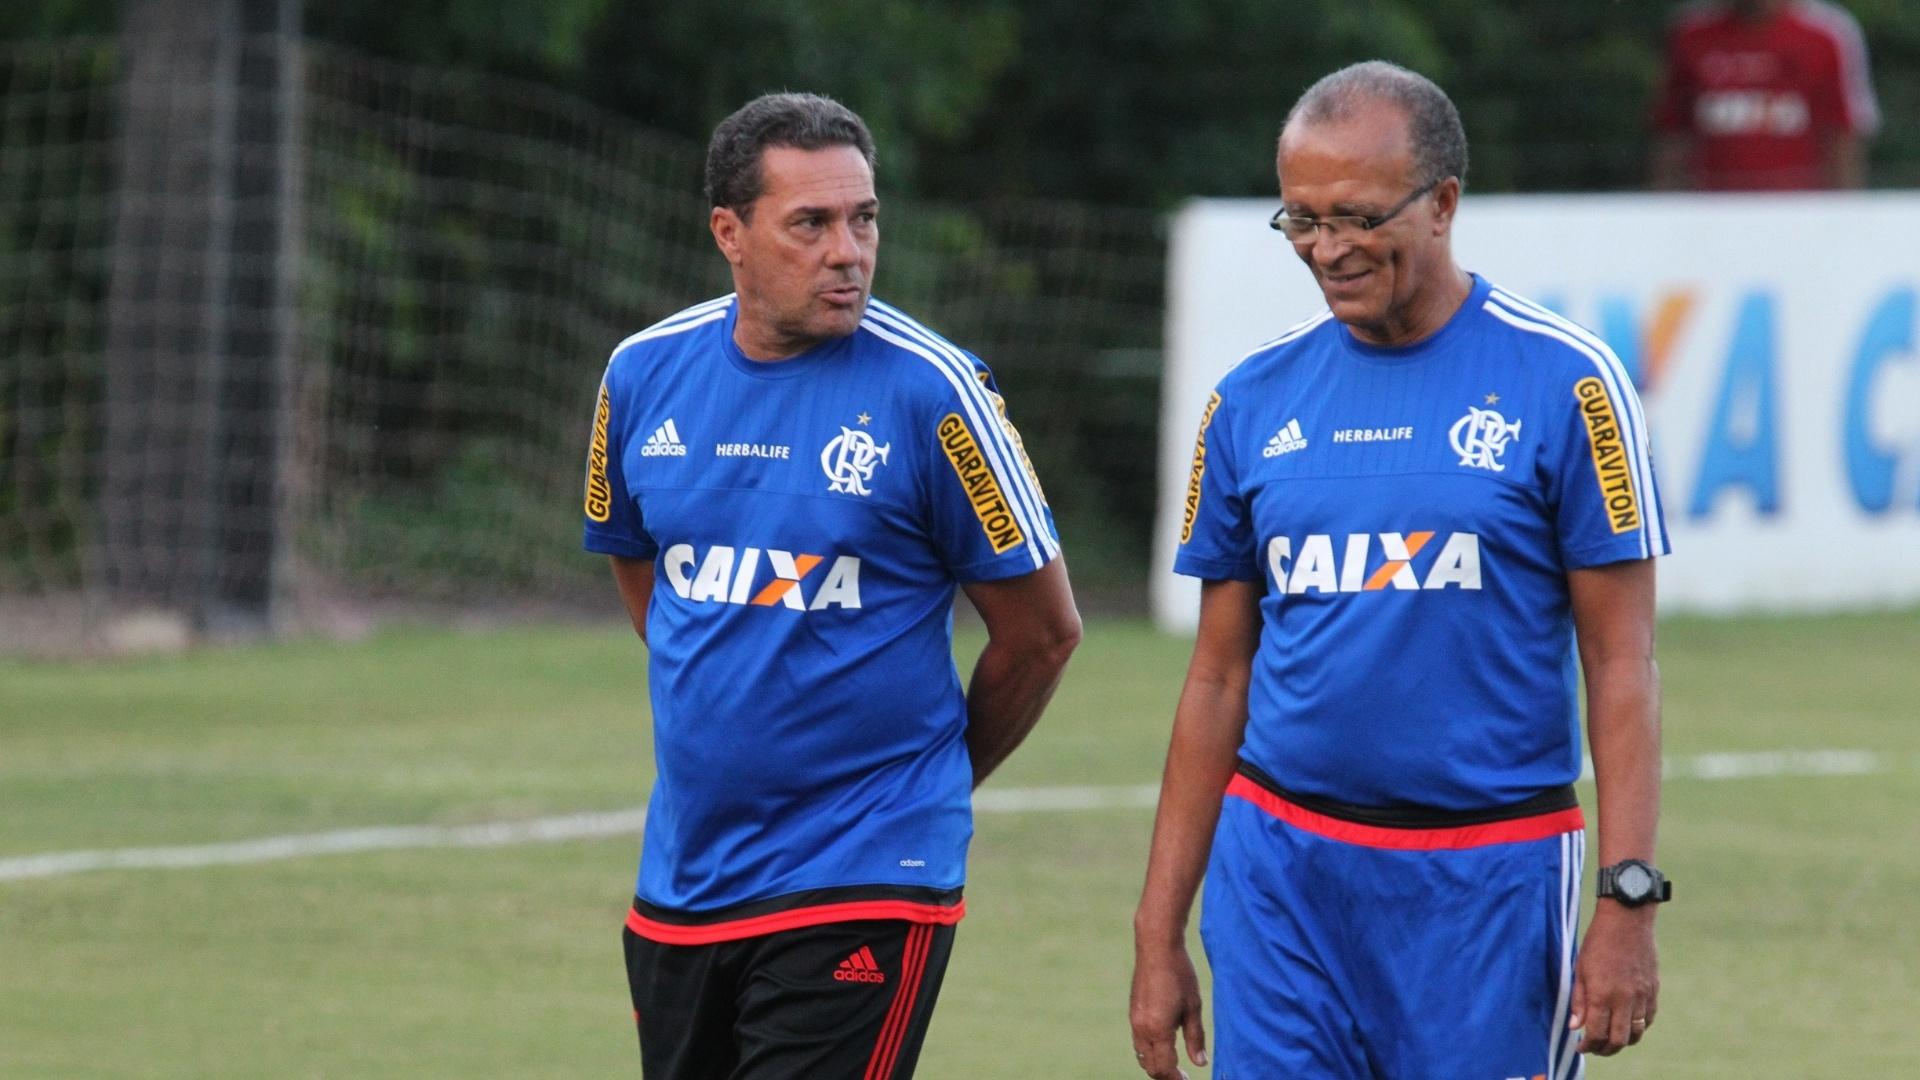 Jayme de Almeida retornou ao Flamengo para auxiliar o técnico Vanderlei Luxemburgo